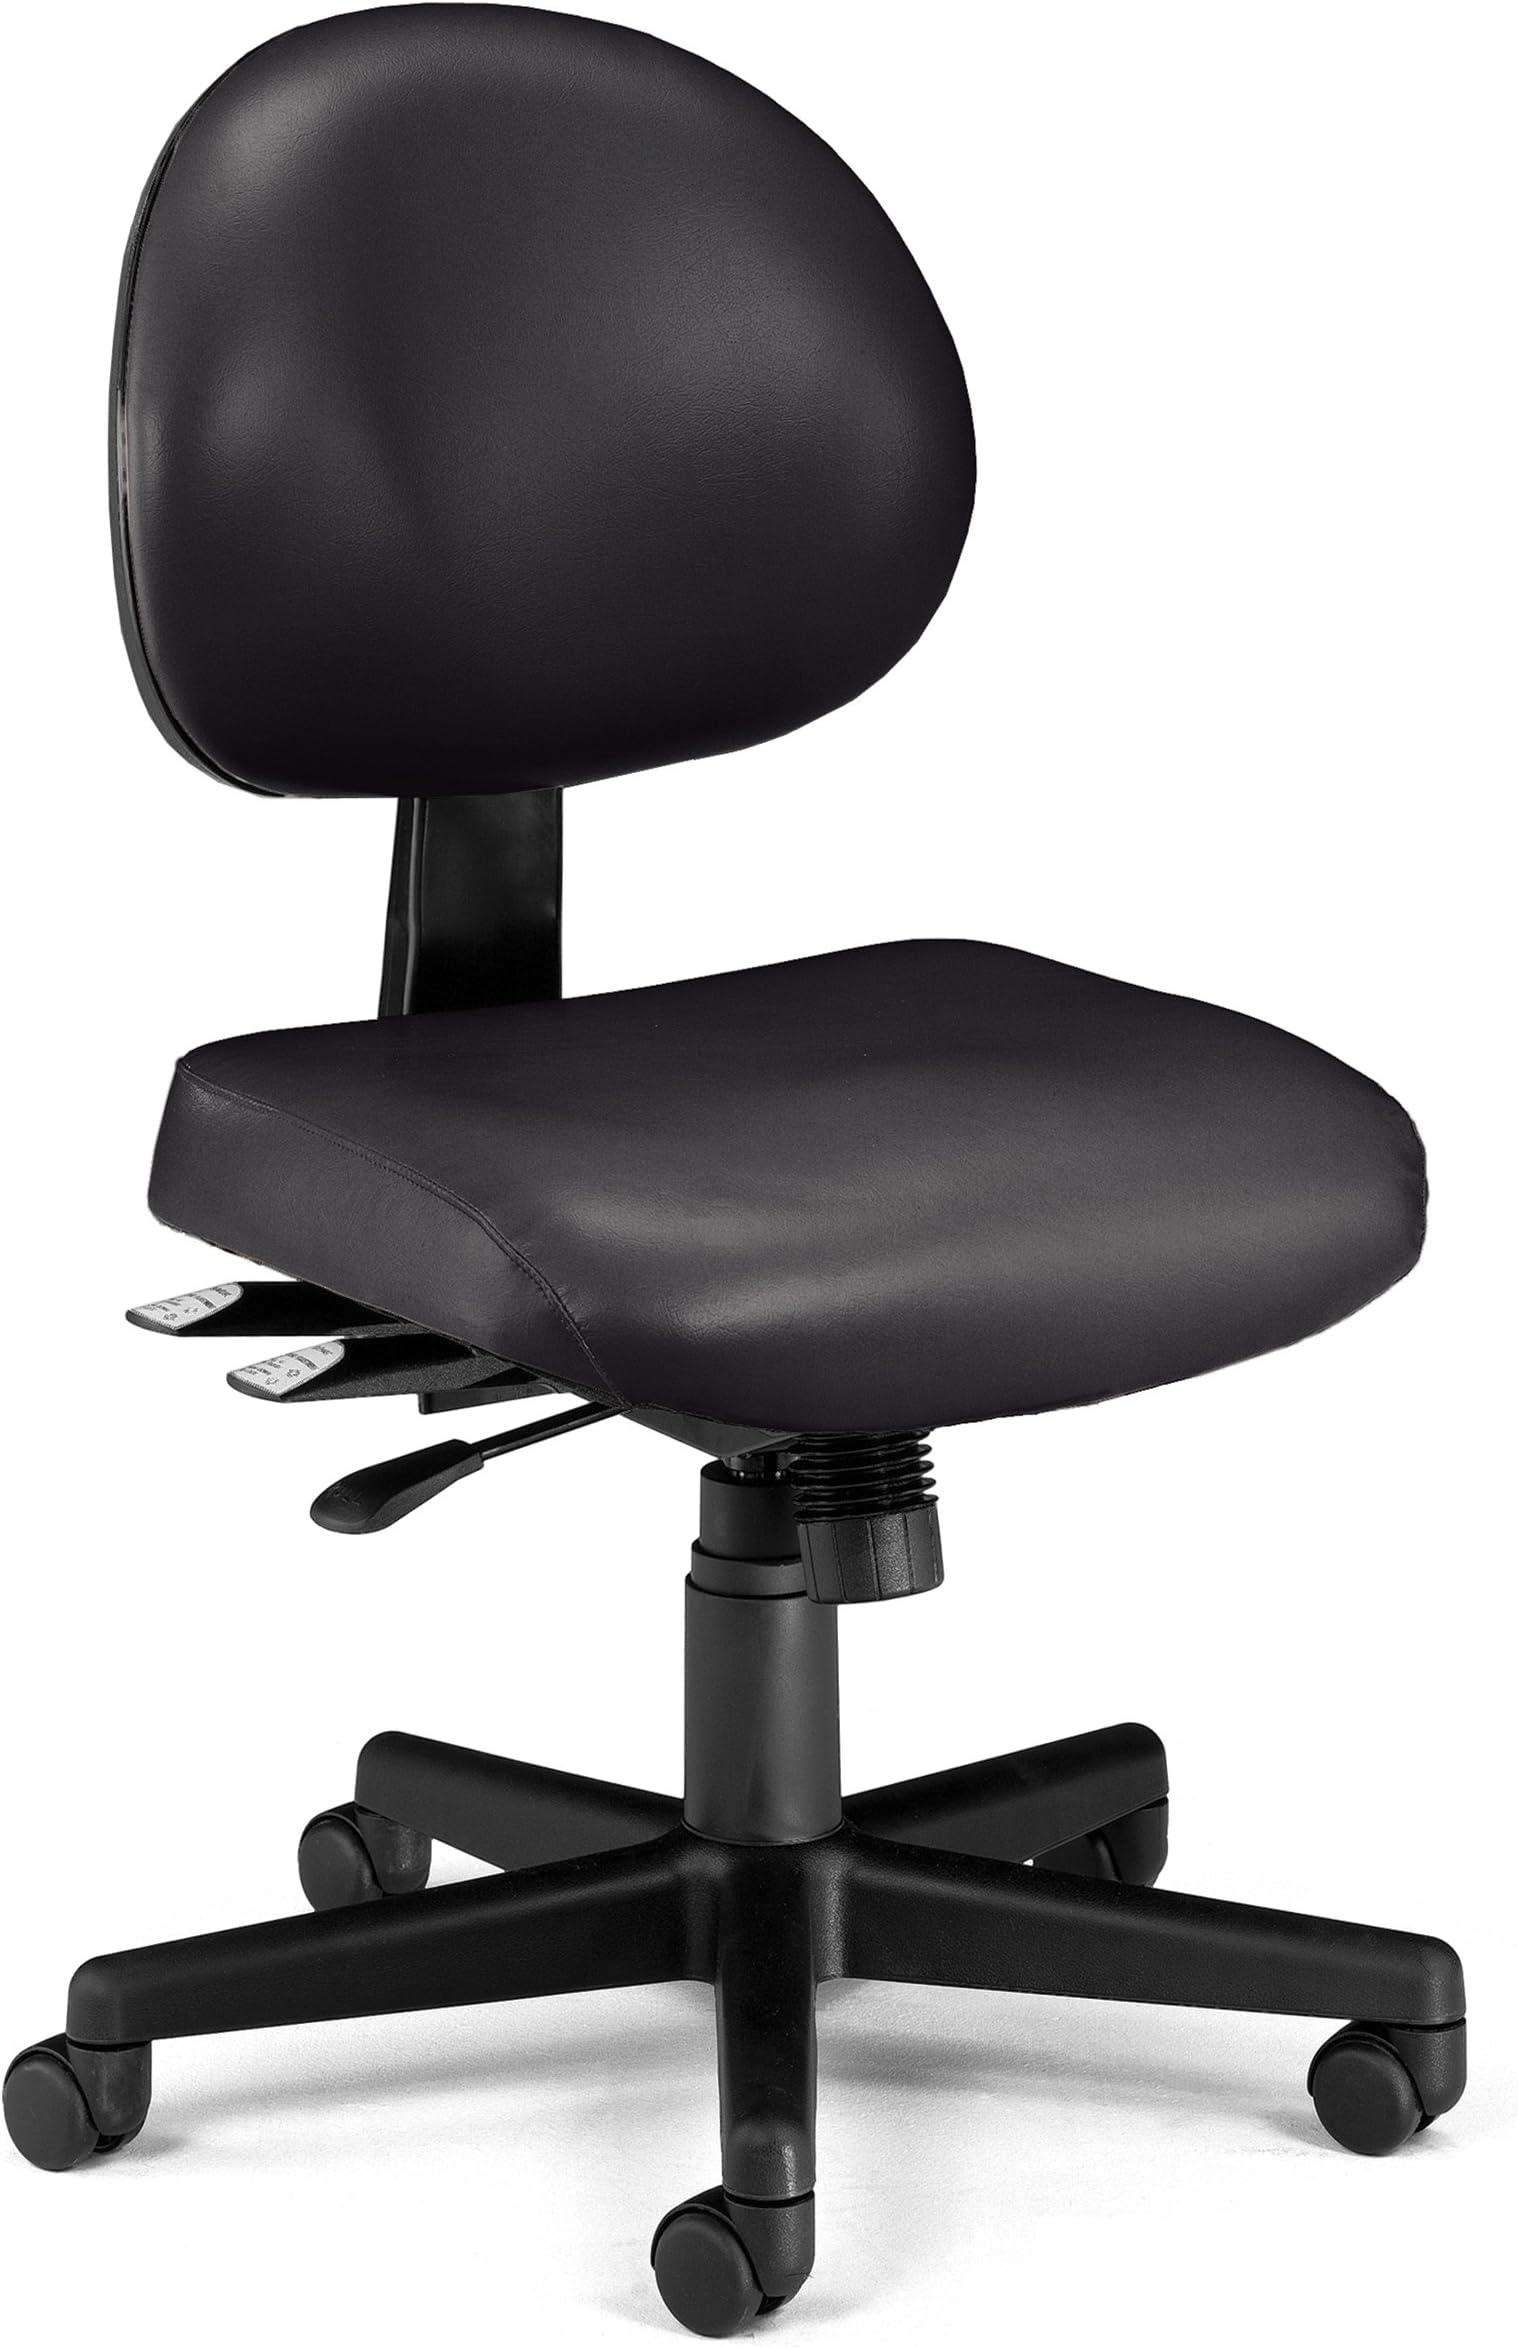 Ergo 24 Hour Chair